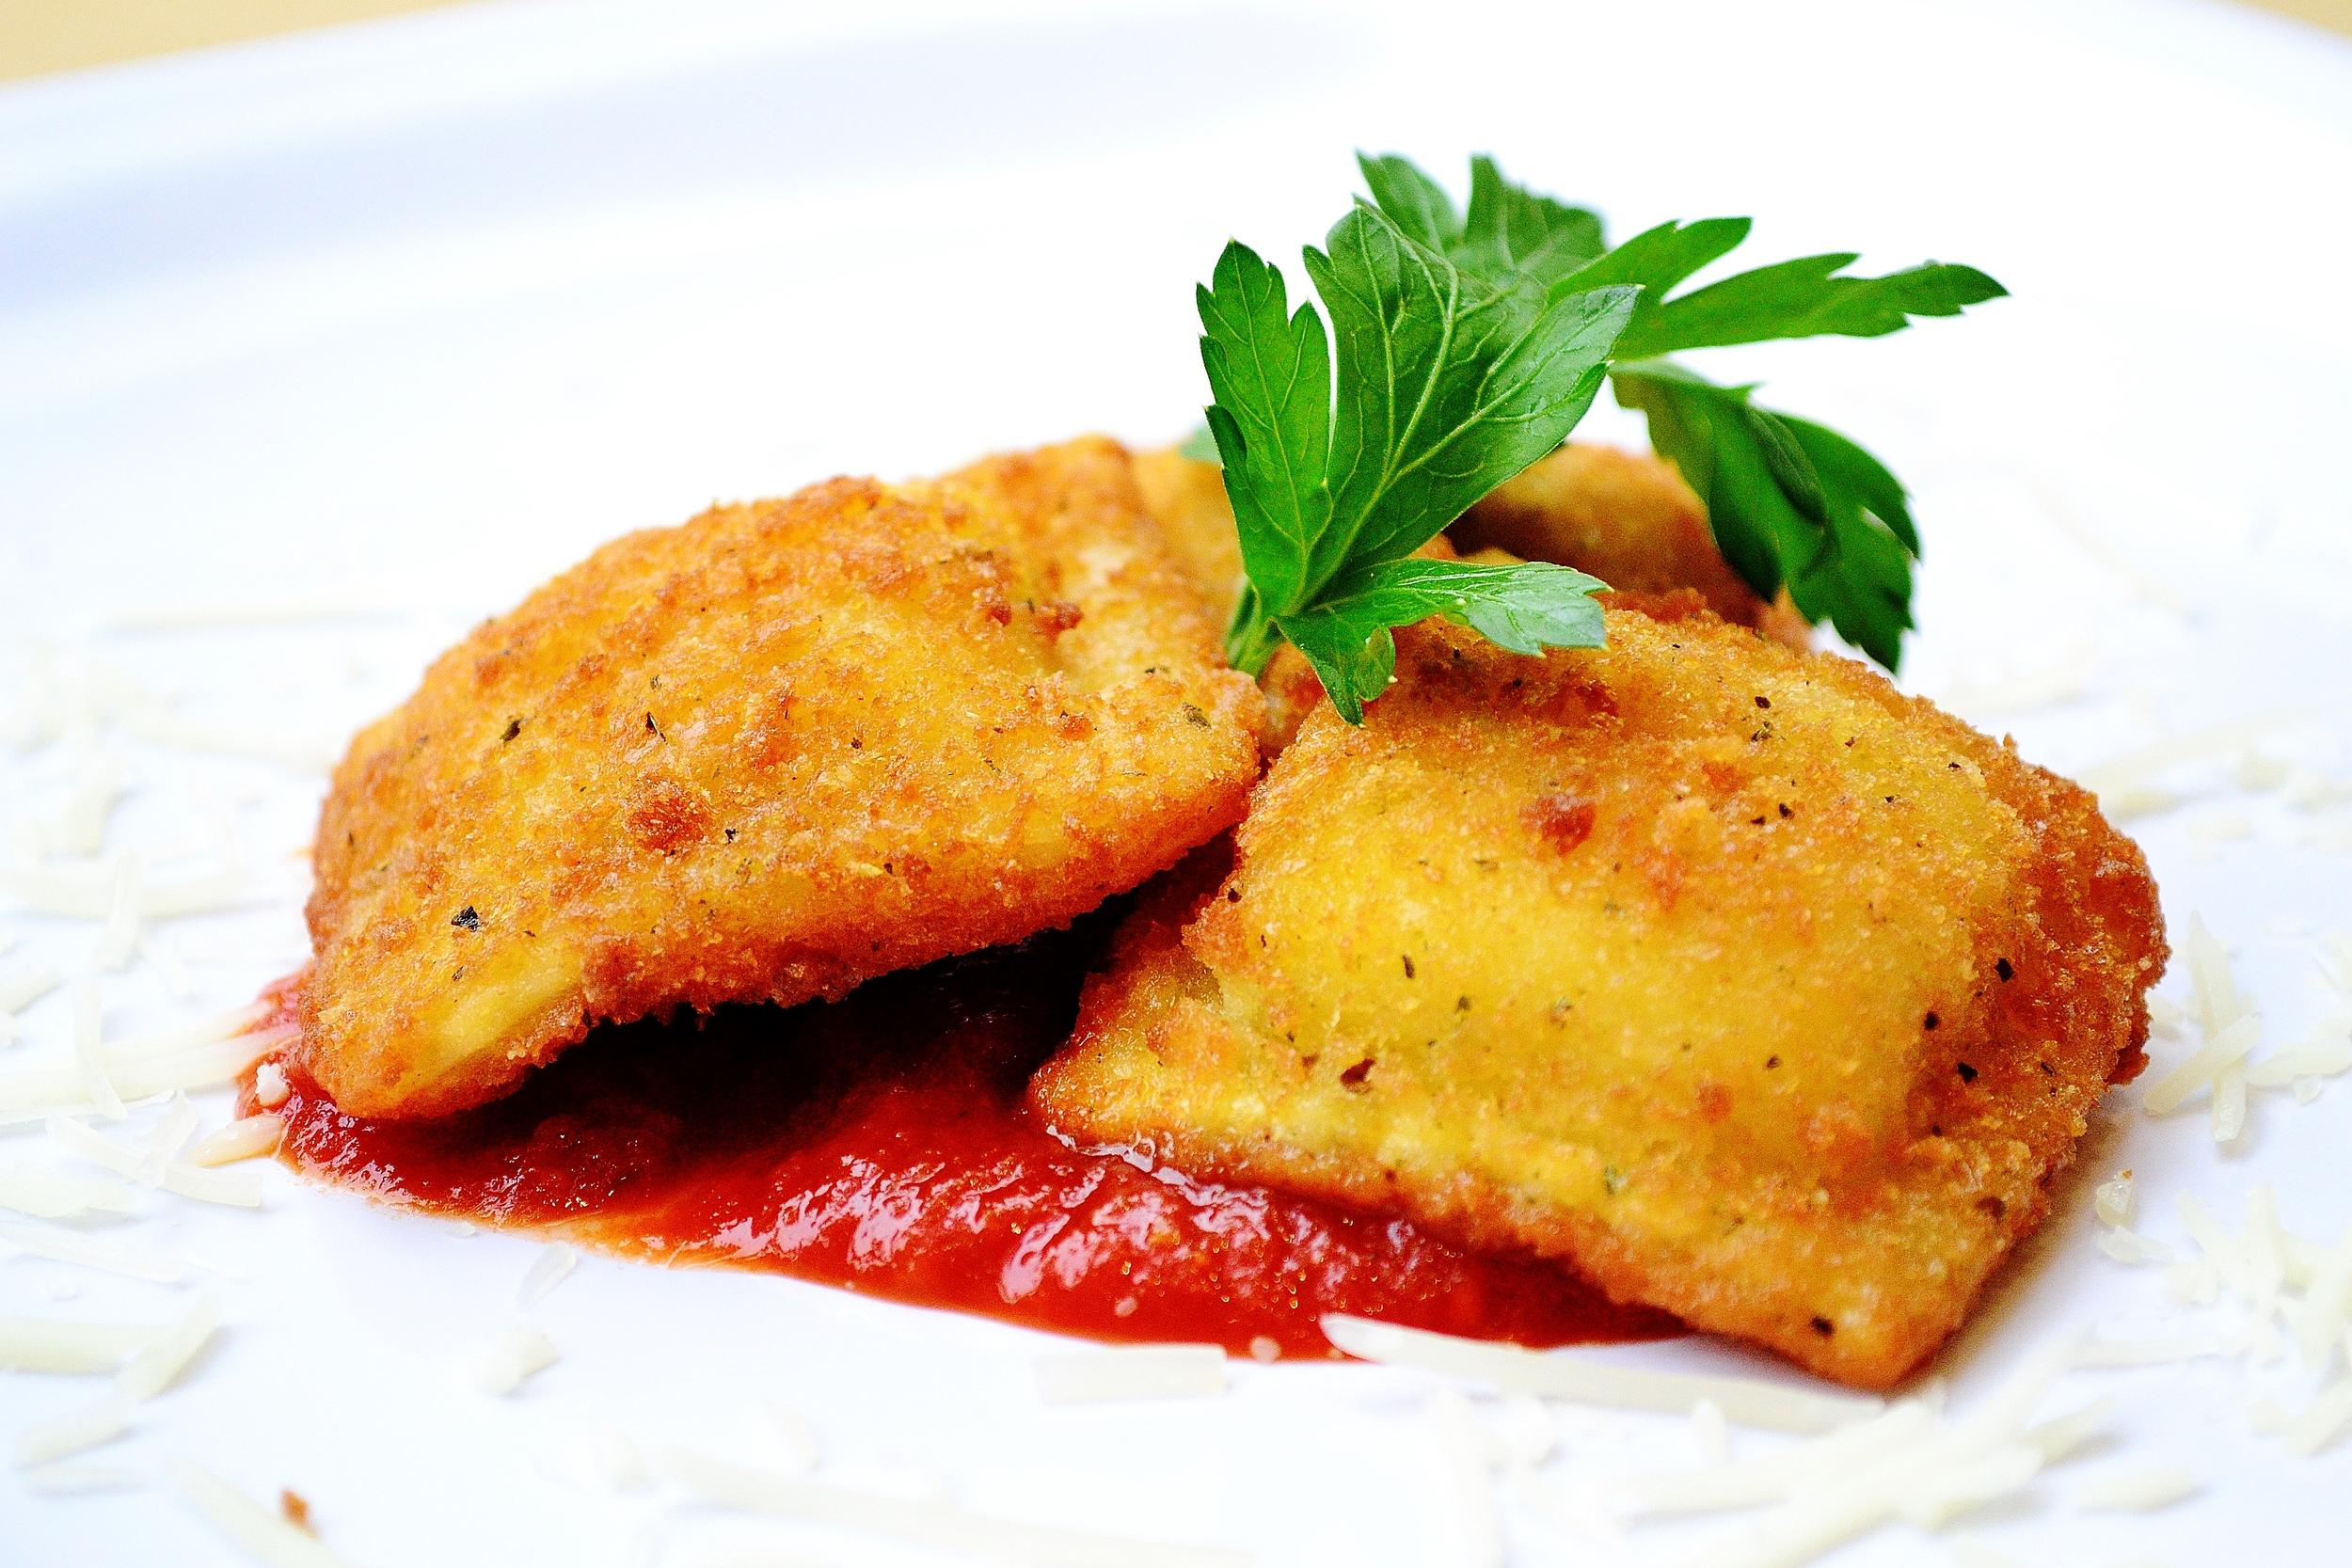 Catering-FriedRavioli (1).JPG